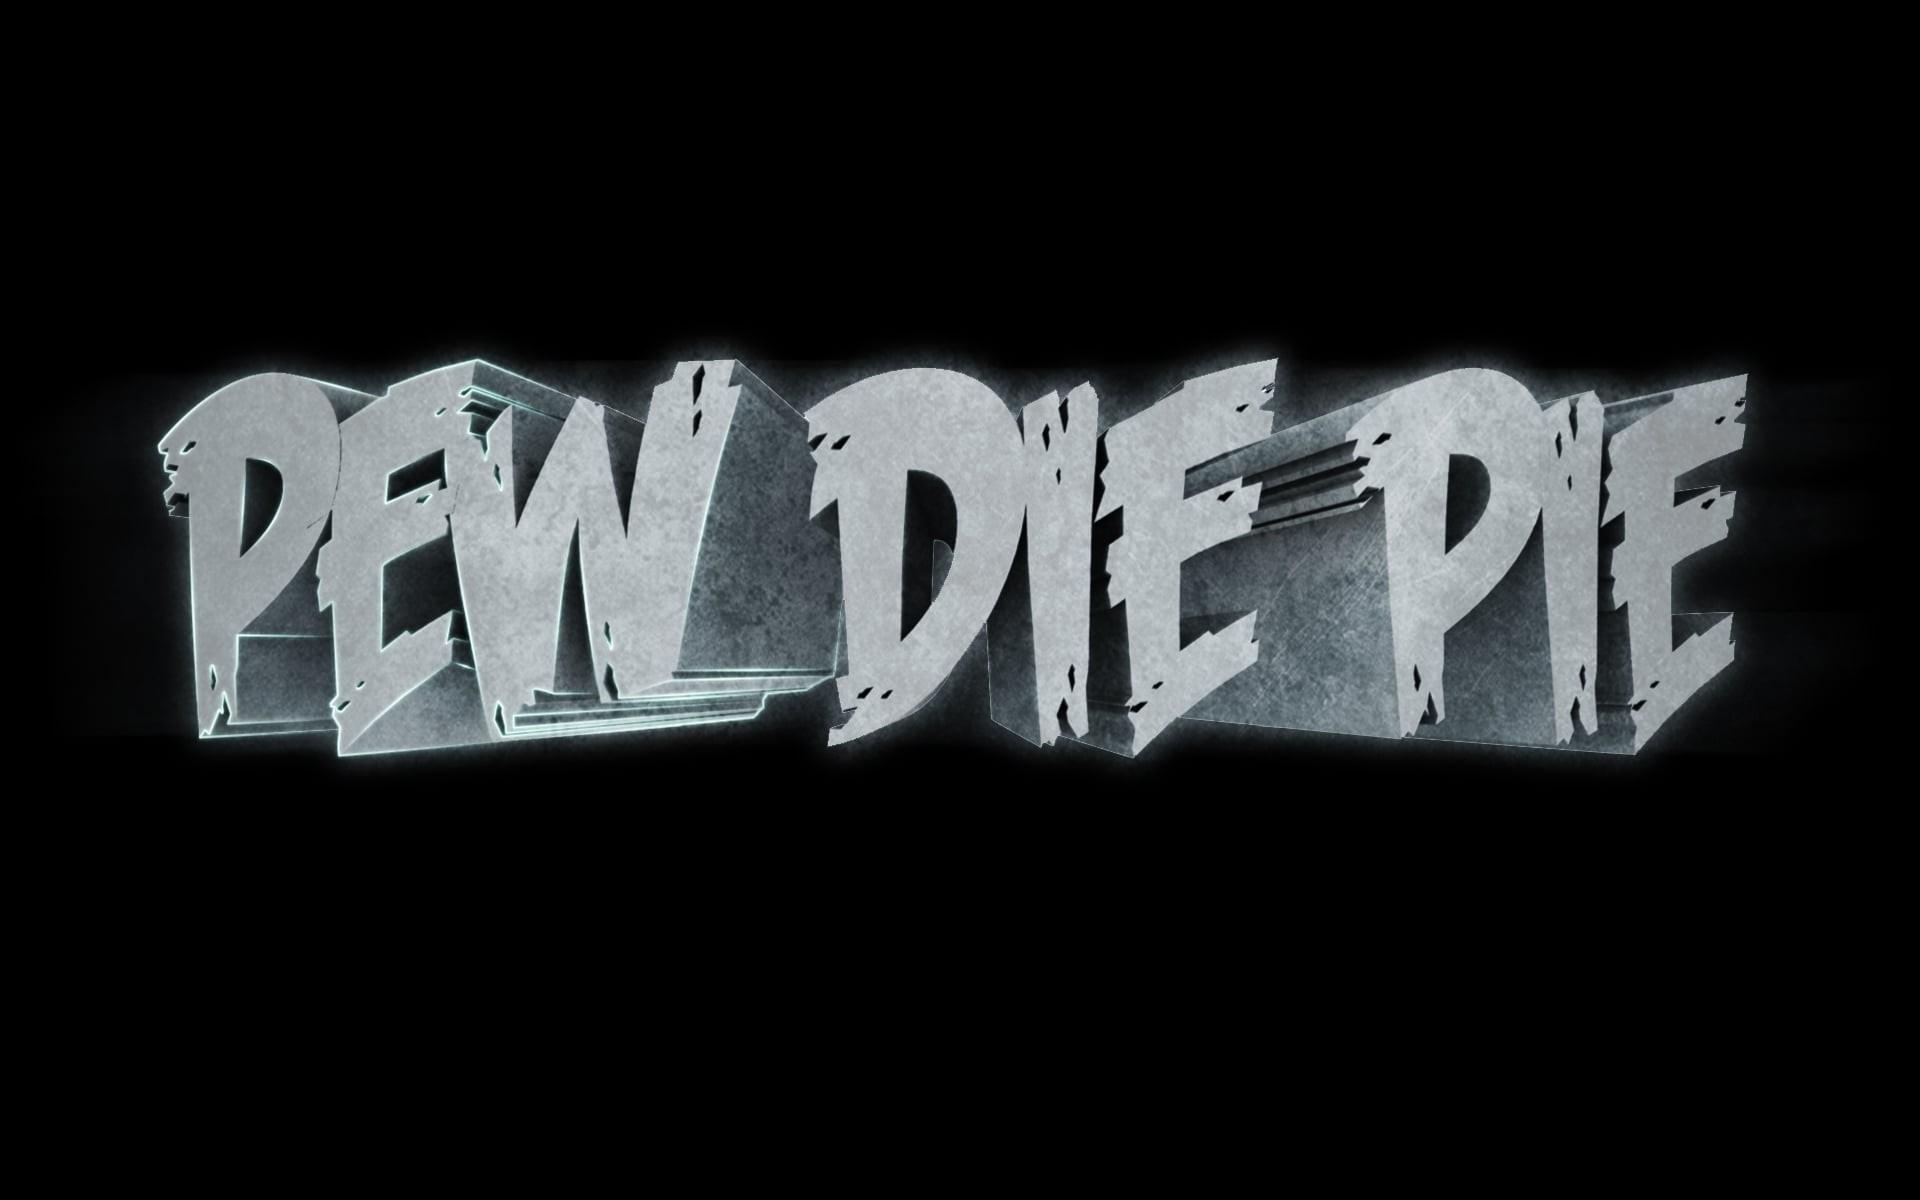 Filename: PewDiePie-logo.jpg